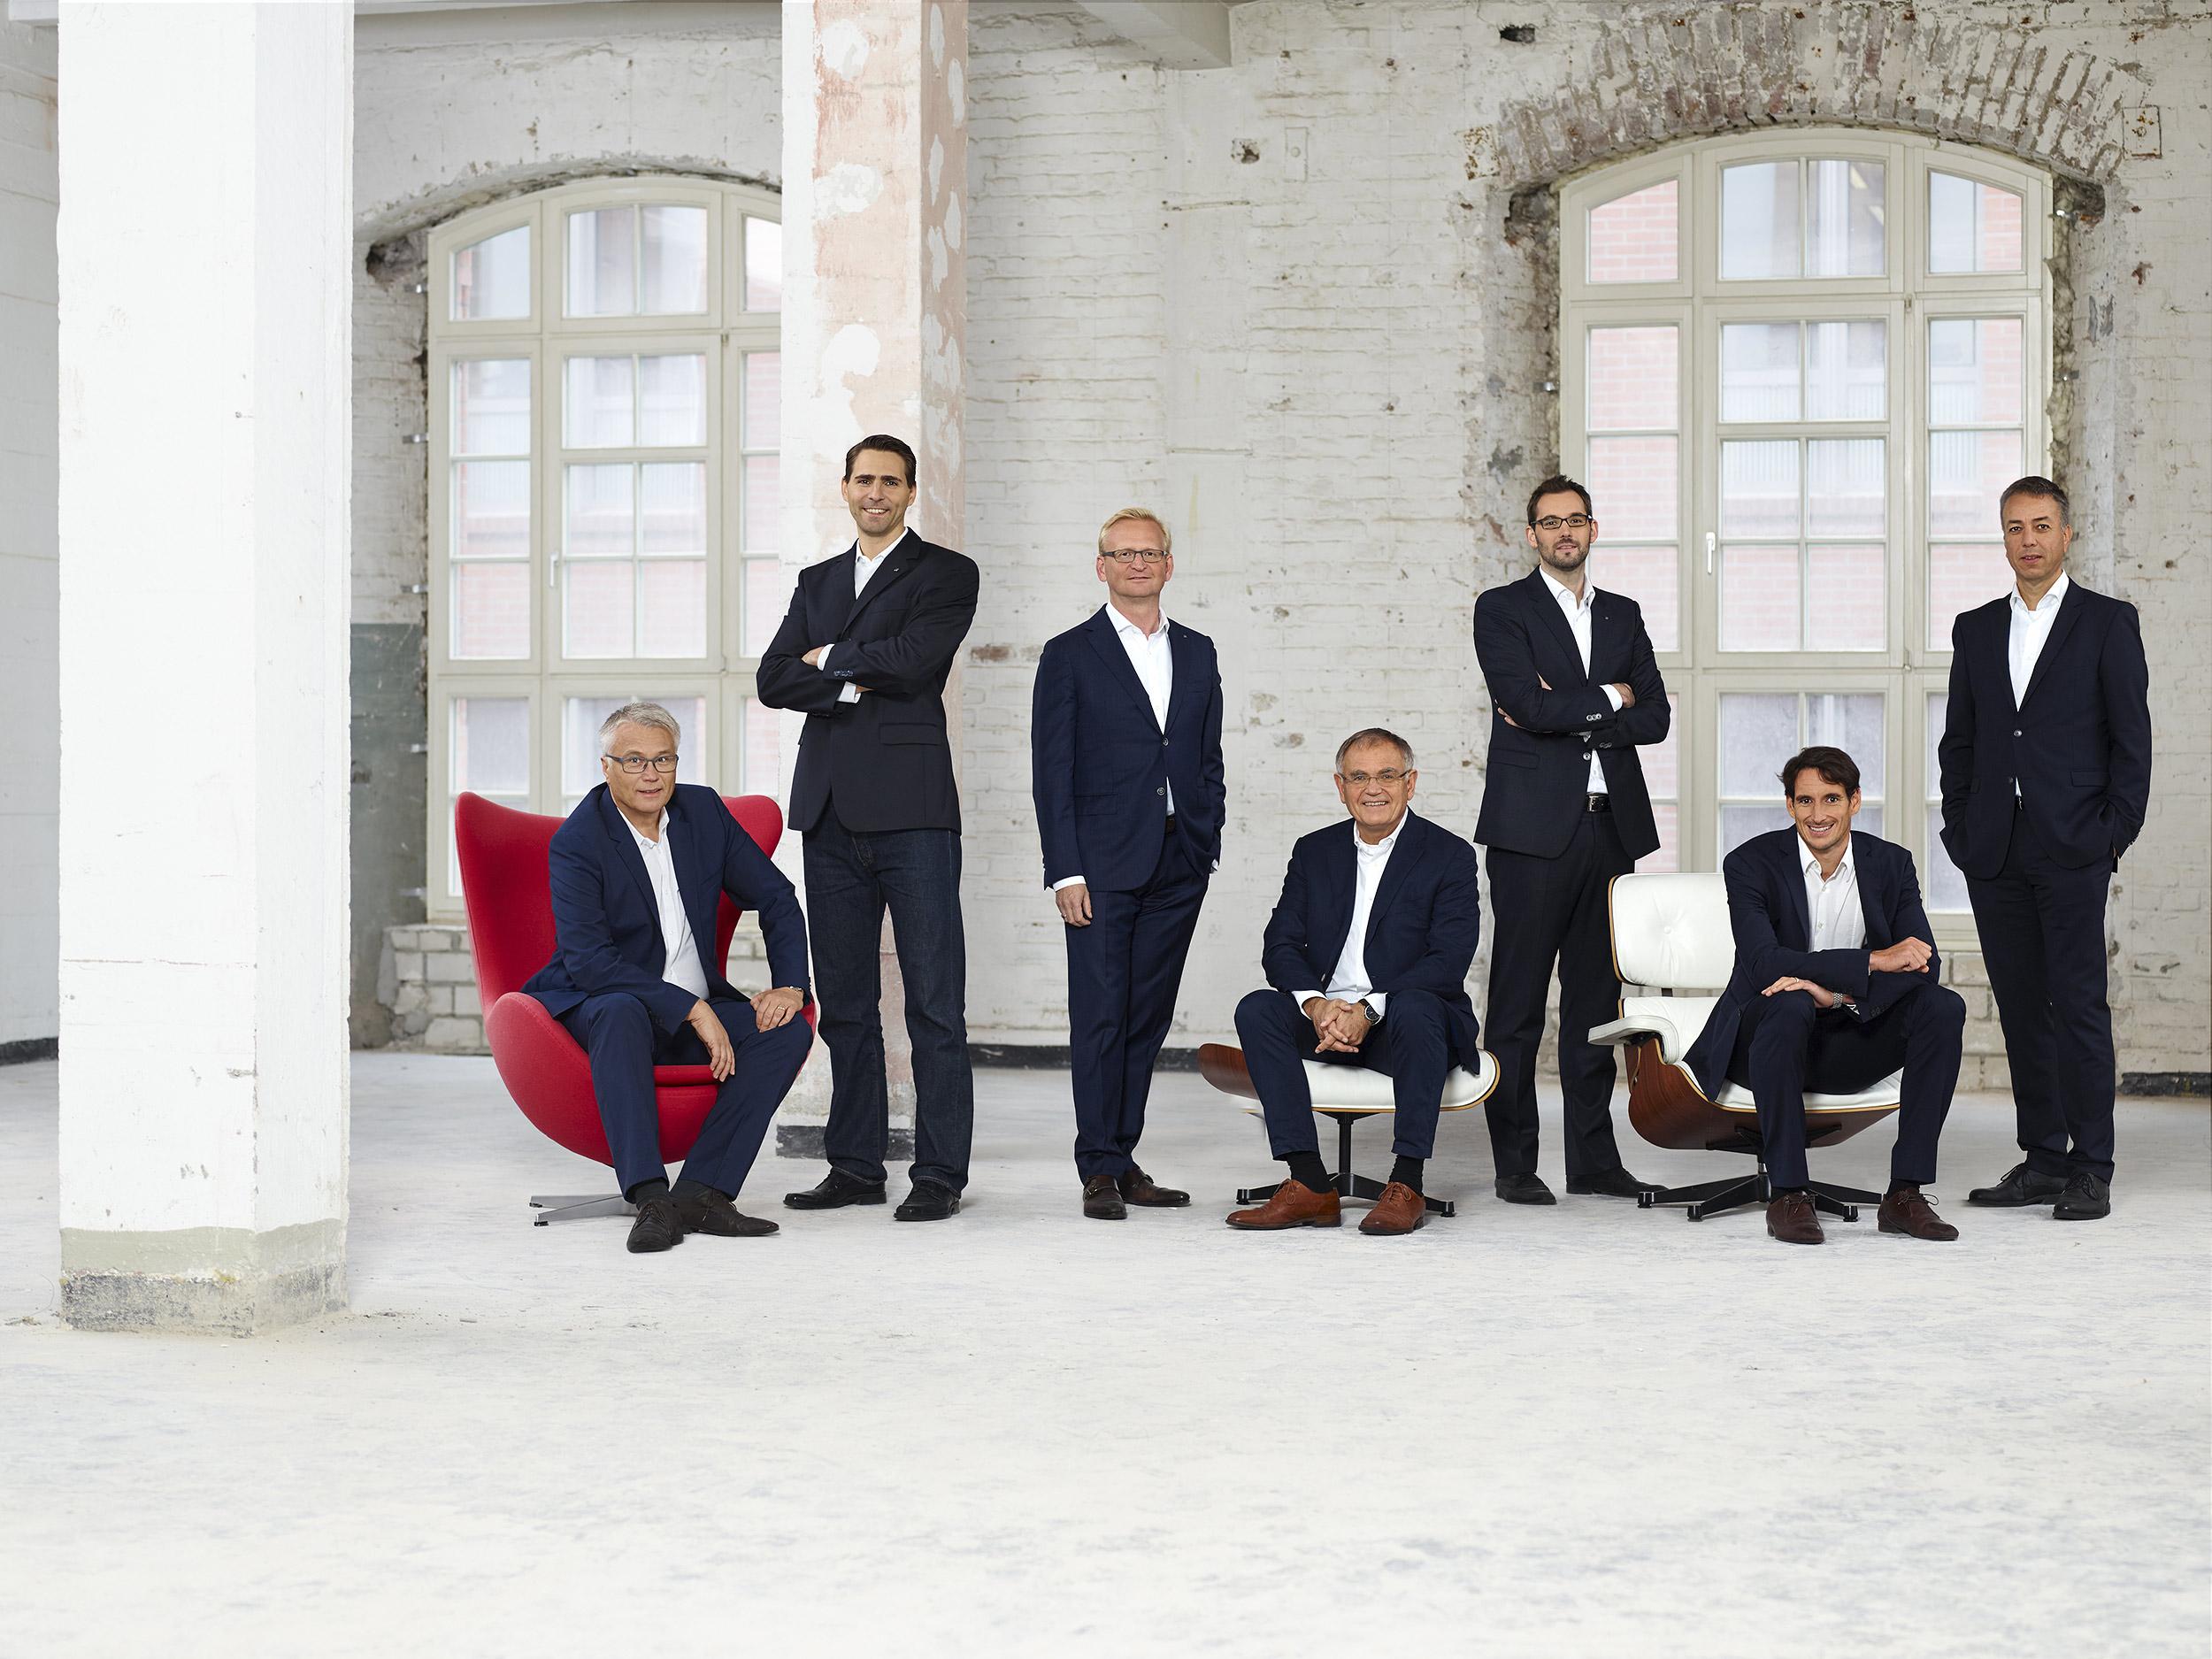 Gruppe von sieben Herren unterschiedlichen Alters und dunklen Anzügen in einem Rohbau Industieloft. Einer sitzt in einem roten Sessel einer auf einem weißen Hocker und einer in einem weißen Lounge Chair. Die anderen 4 stehen. Gruppe arrangiert im Raum verteilt.